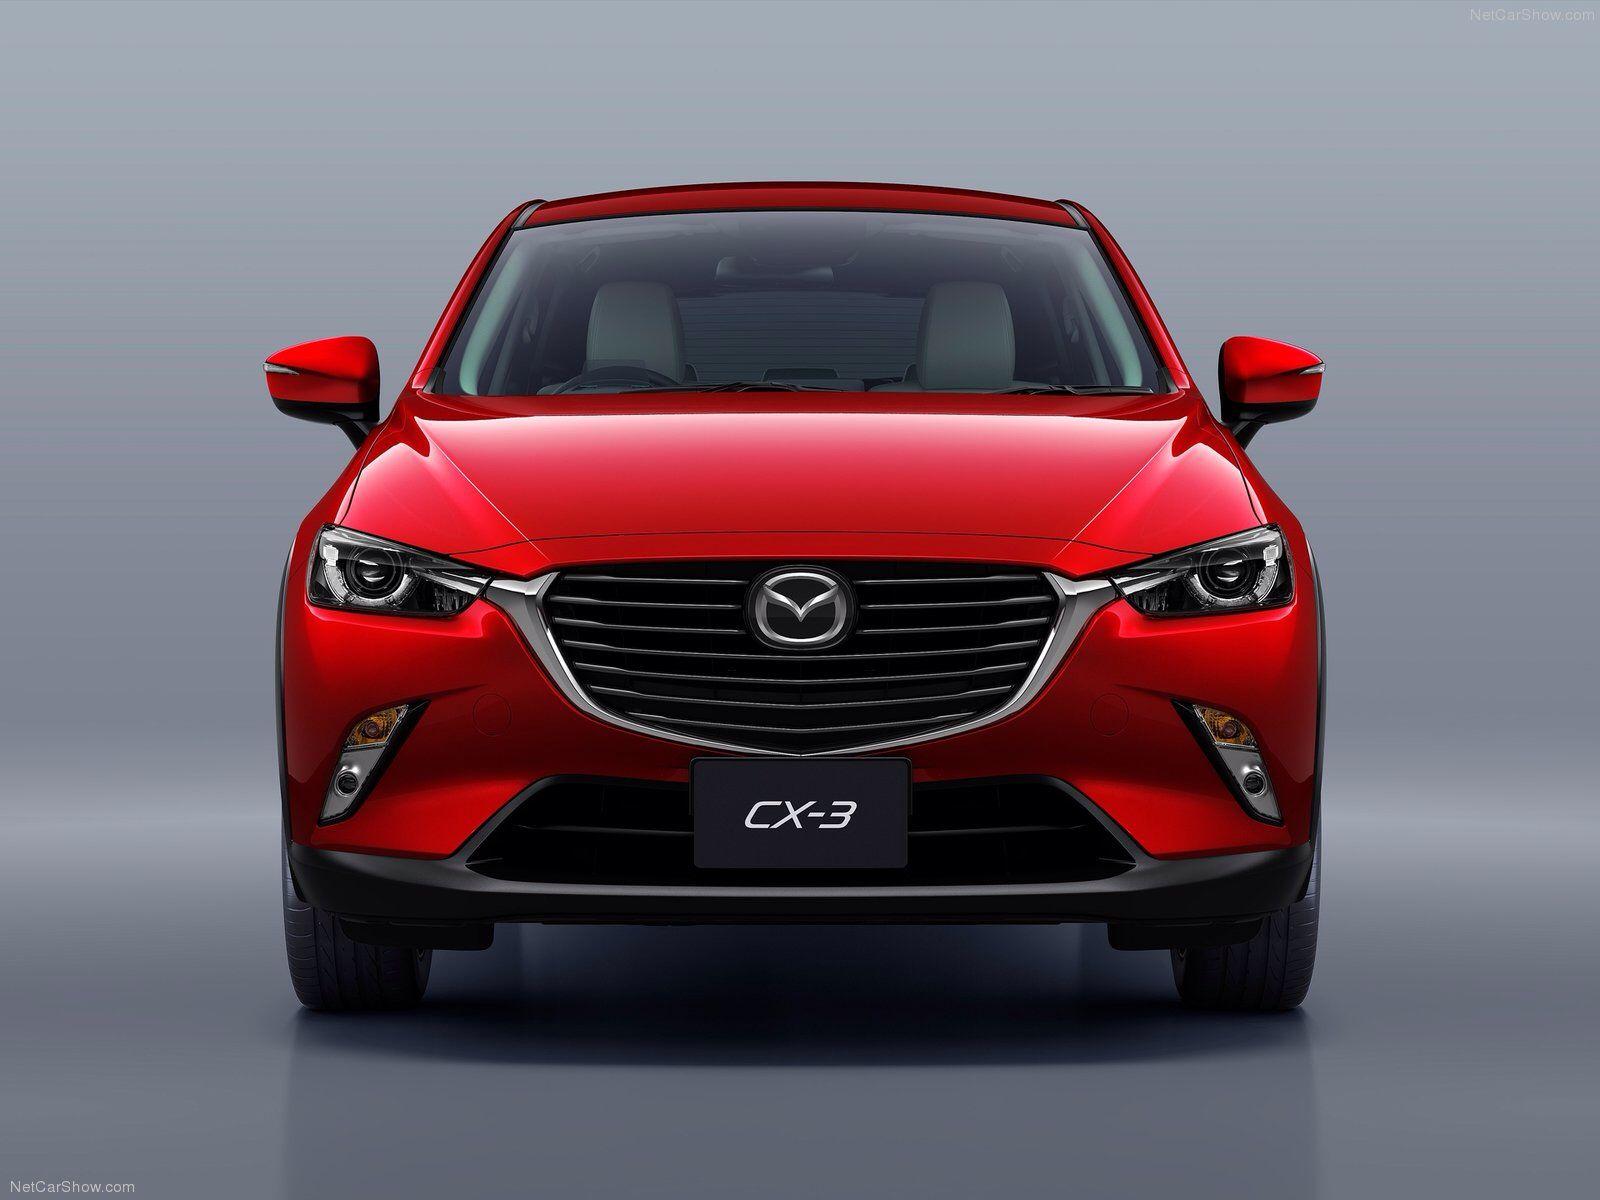 2015 Mazda CX3 Mazda, Mazda cx3, Mazda 2